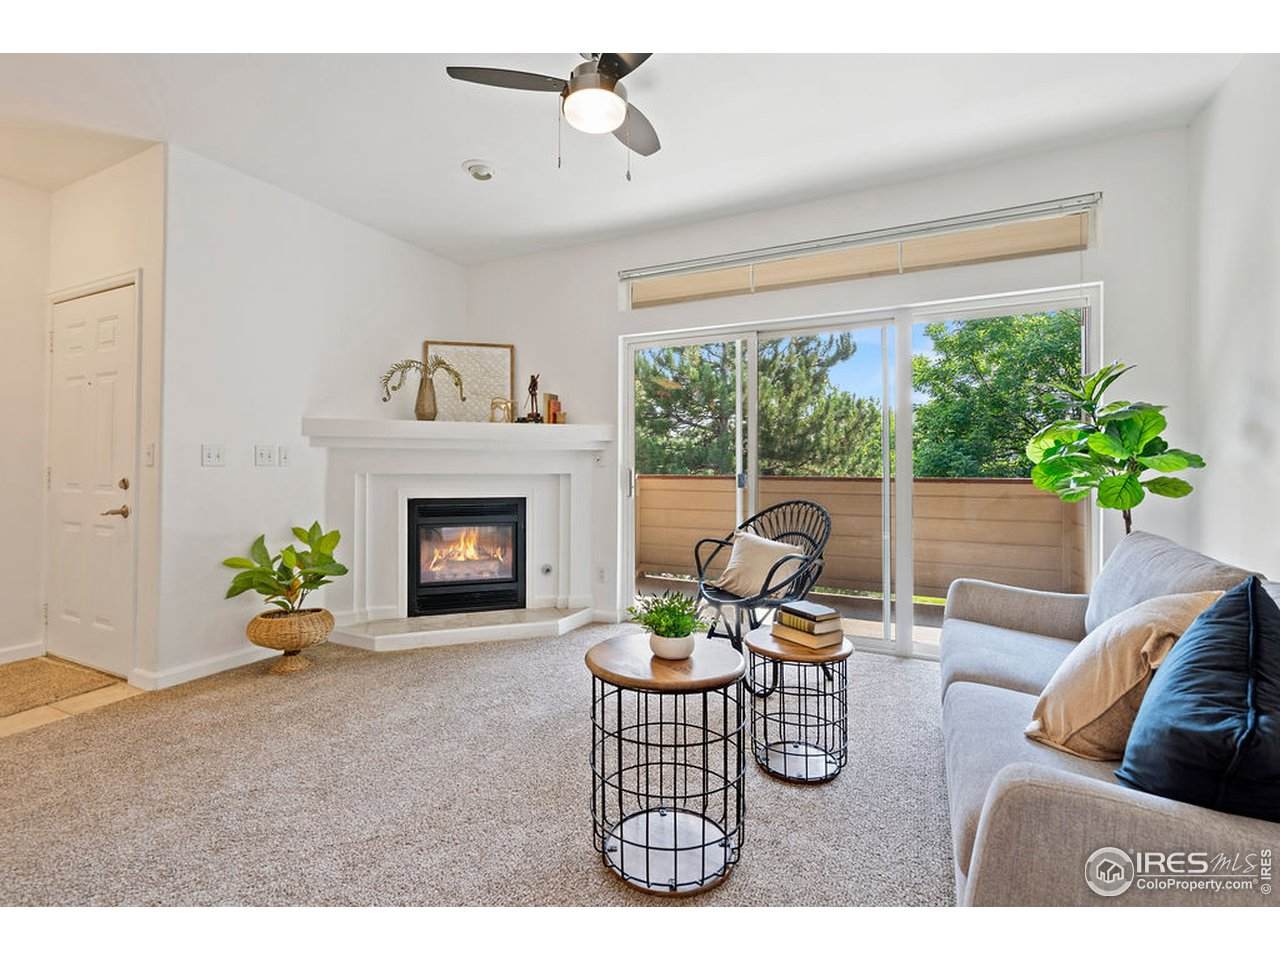 Fireplace & balcony